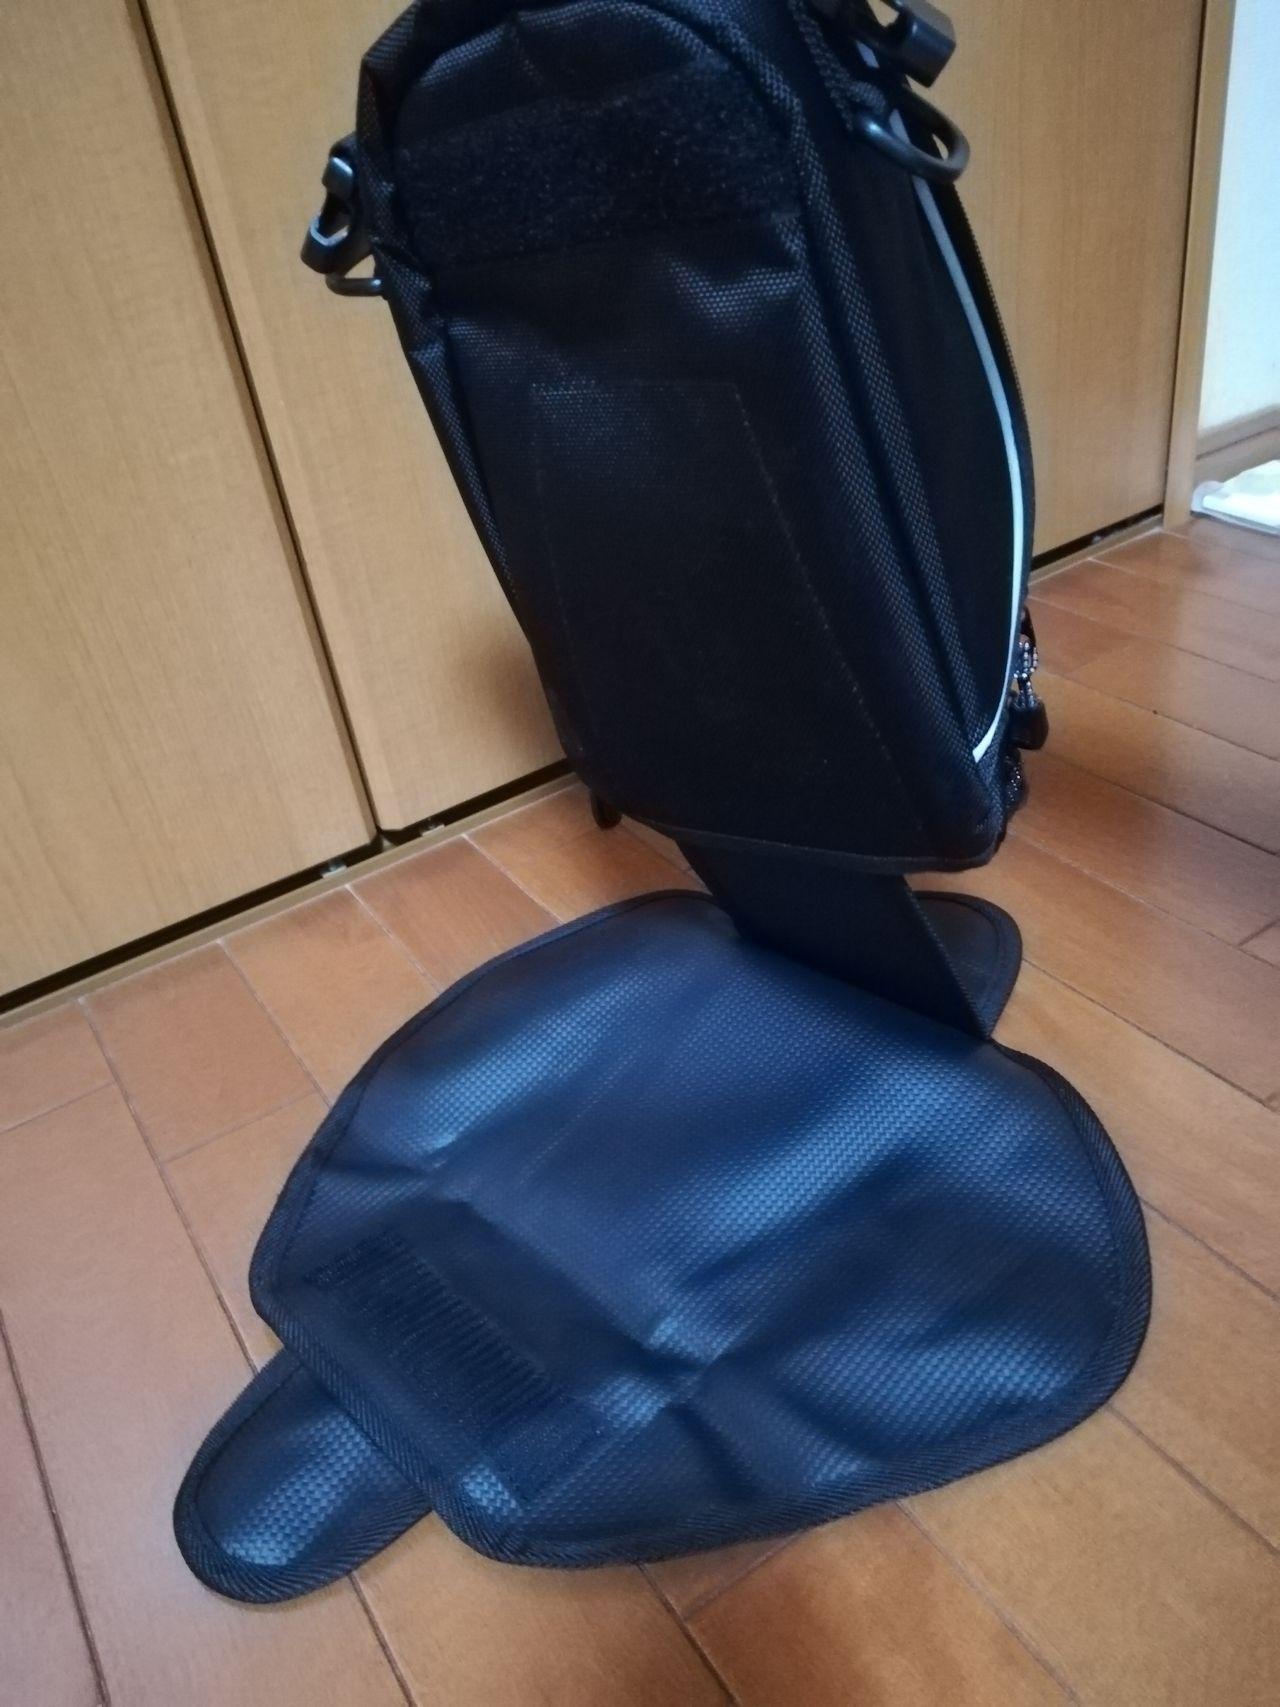 エストレヤに似合うタンクバッグを見つけた!